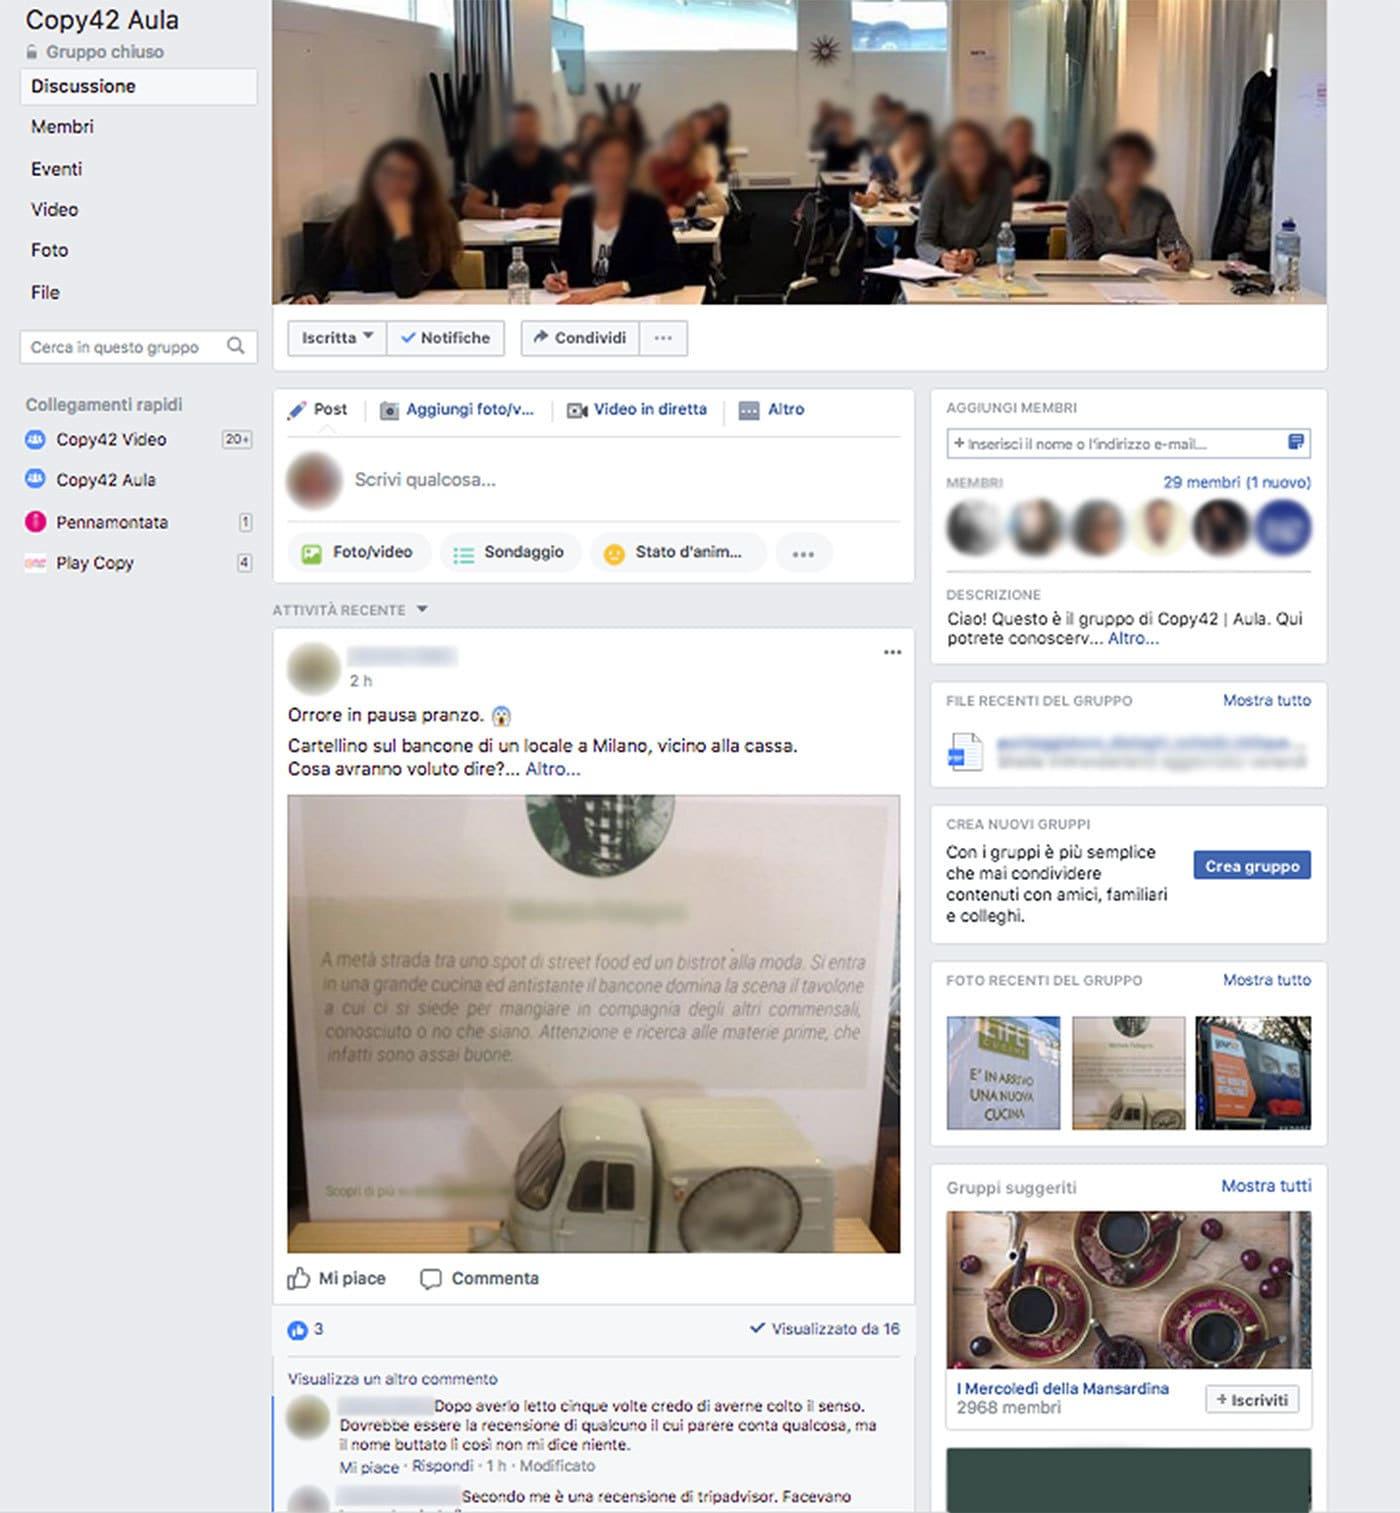 Gruppo Facebook Copy42